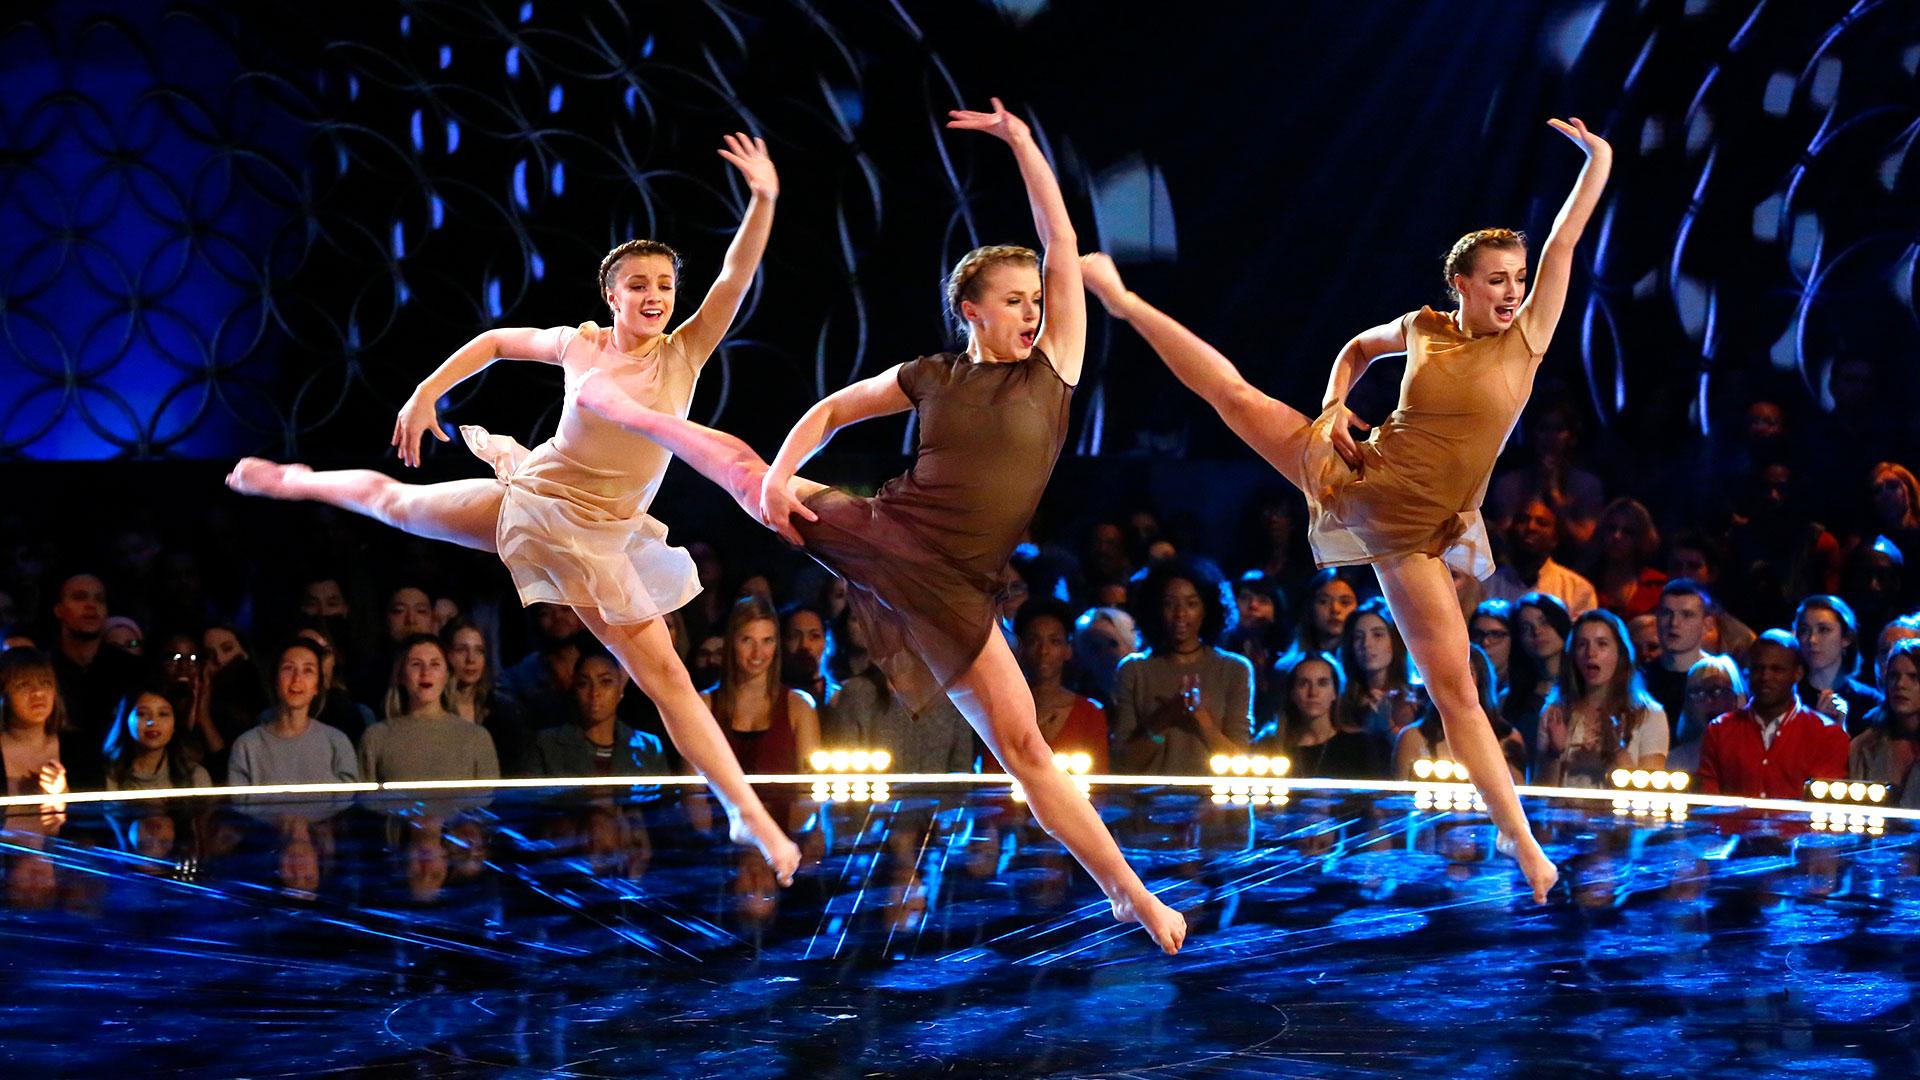 Светот на танцот: Неверојатен настан со најталентираните танчари што некогаш сте ги виделе